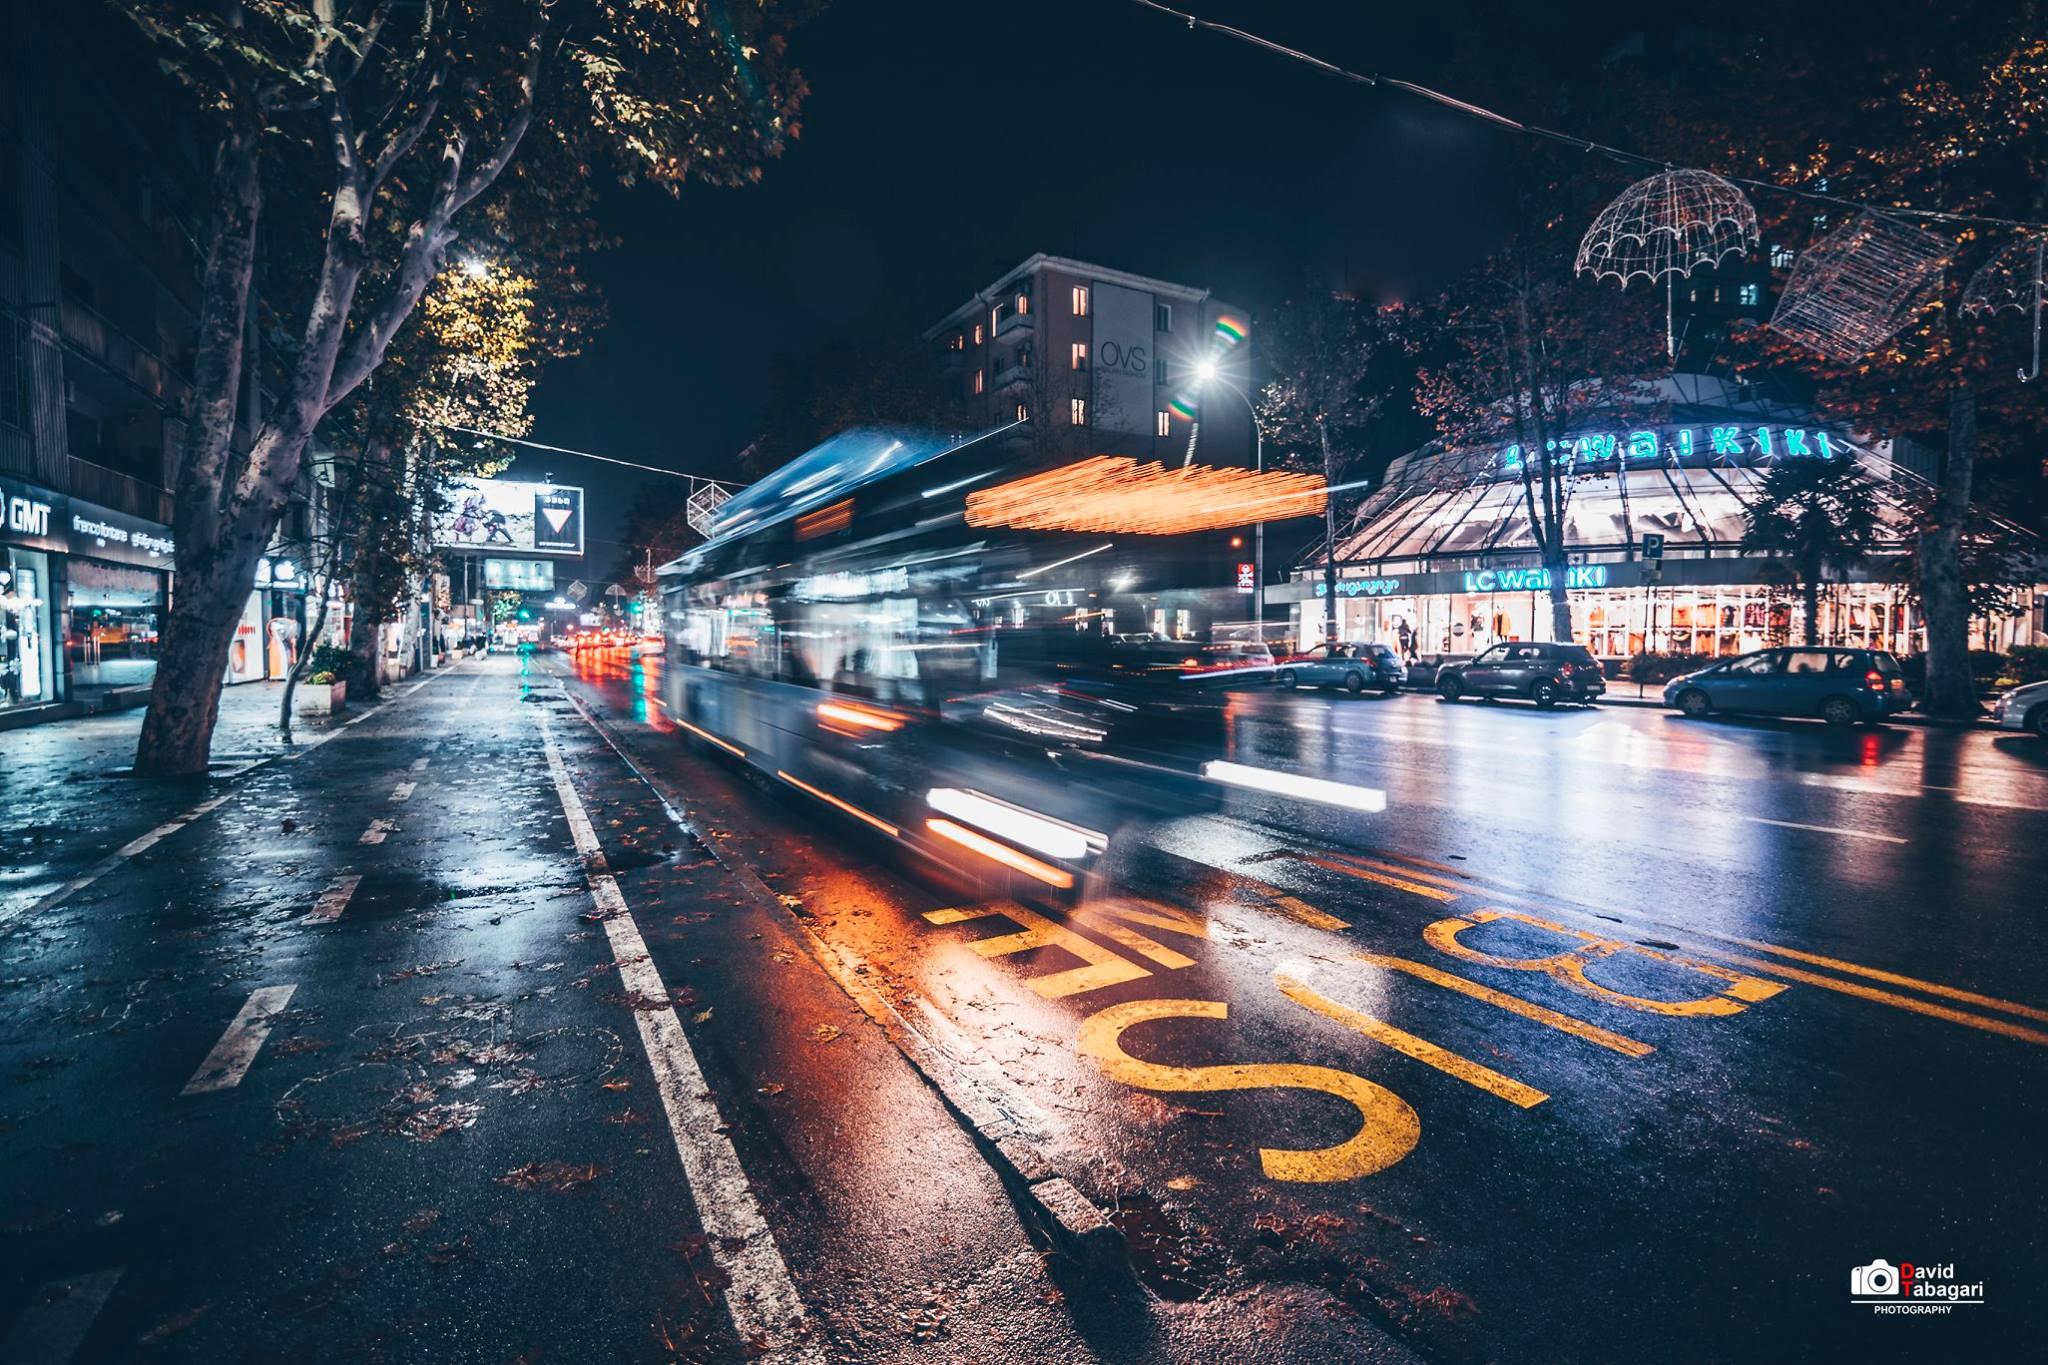 Tbilisi 4 #новости C.T.Park, Каха Каладзе, мэрия Тбилиси